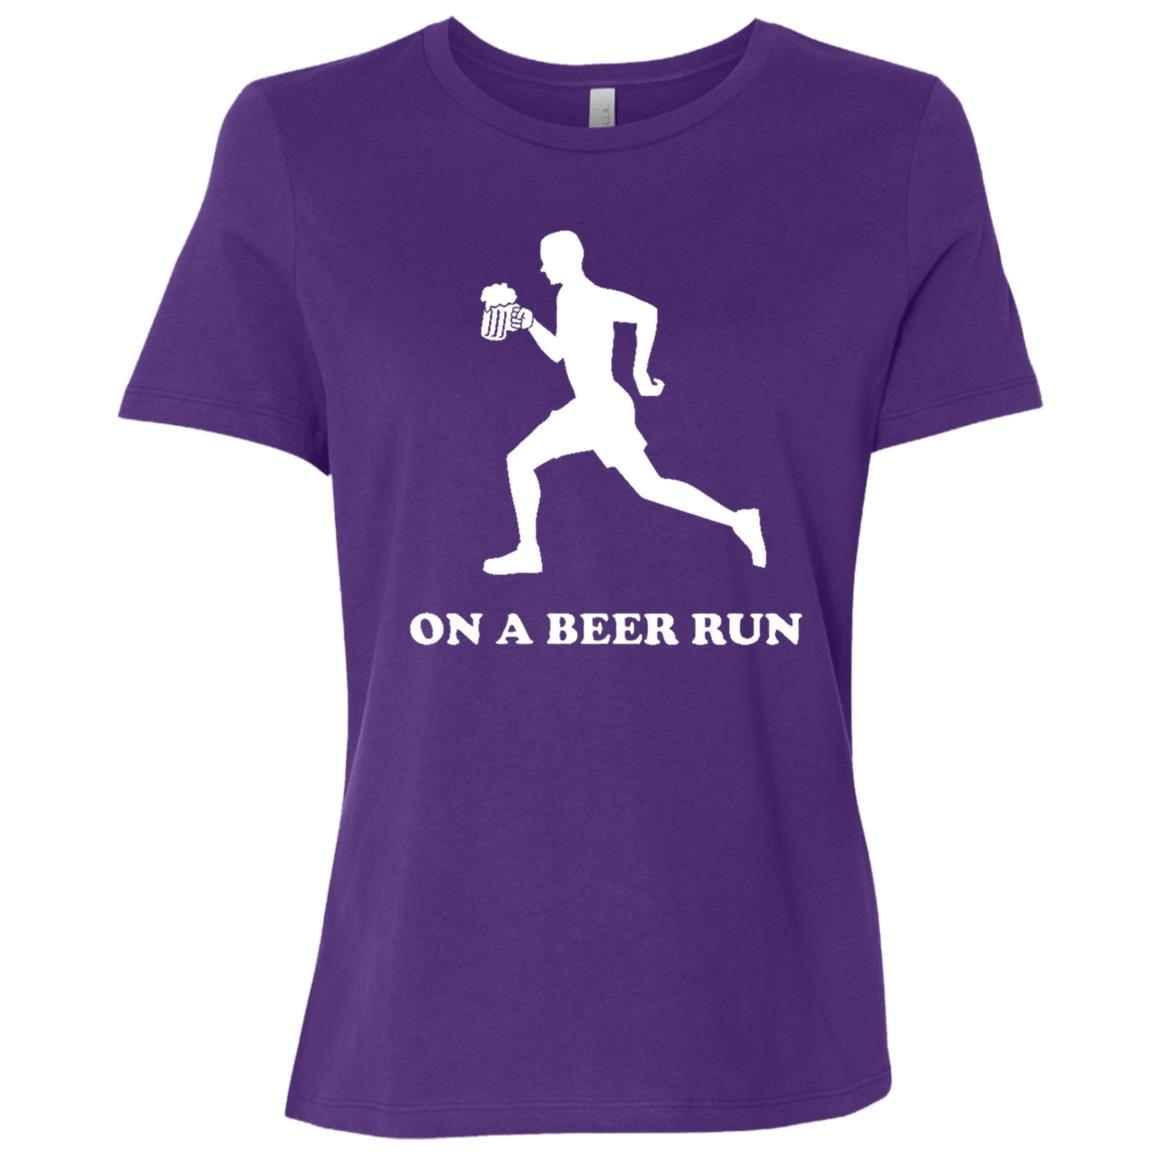 On a beer run Women Short Sleeve T-Shirt